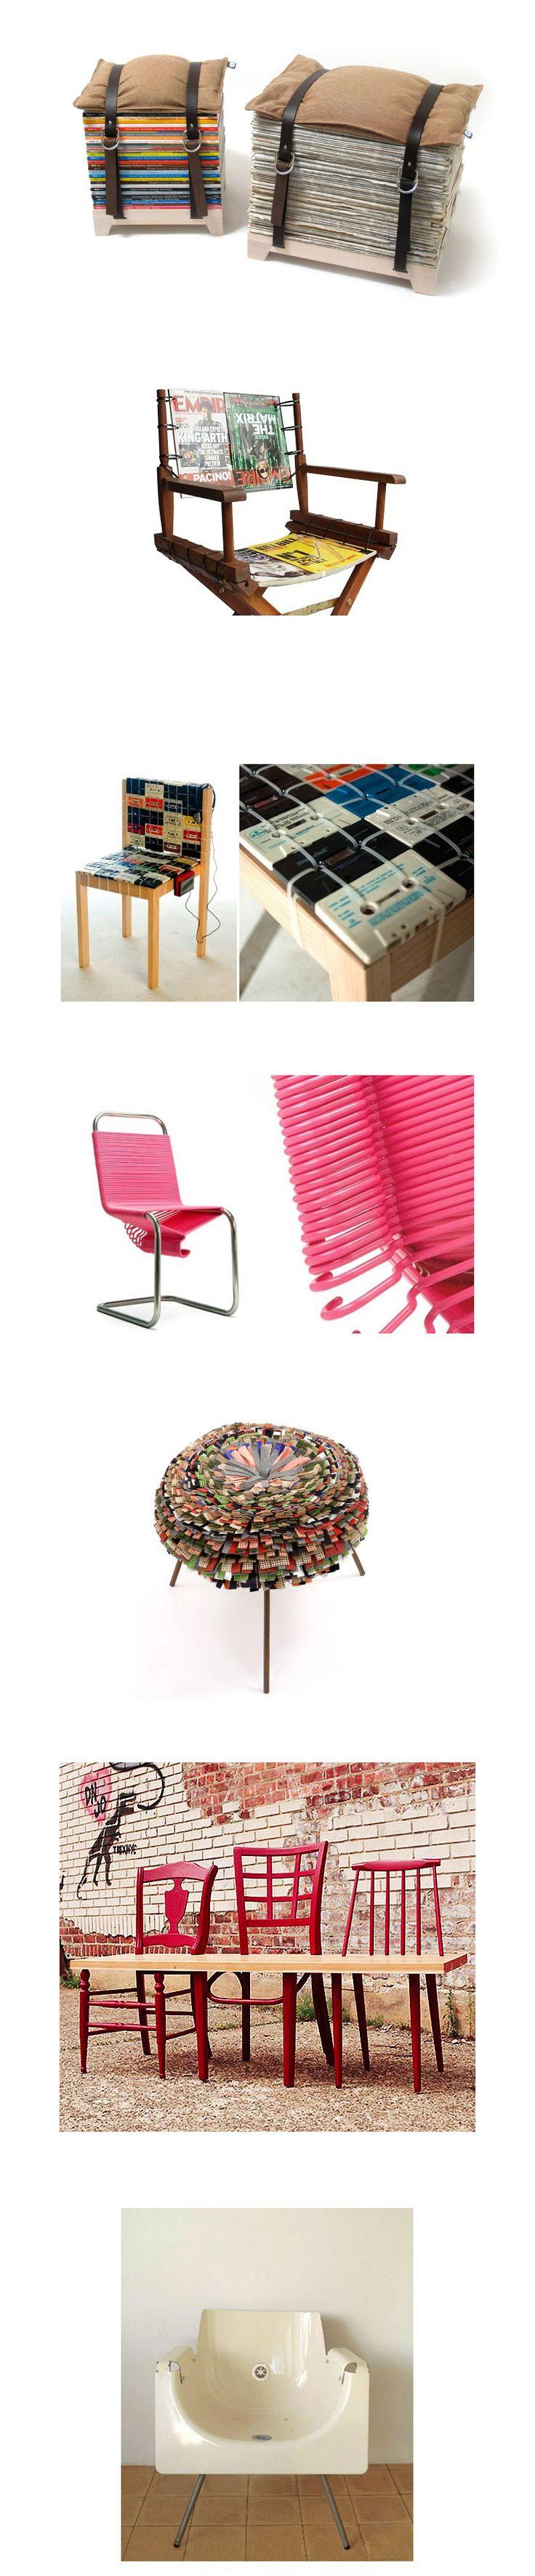 Divertidas y creativas ideas para hacer sillas recicladas.